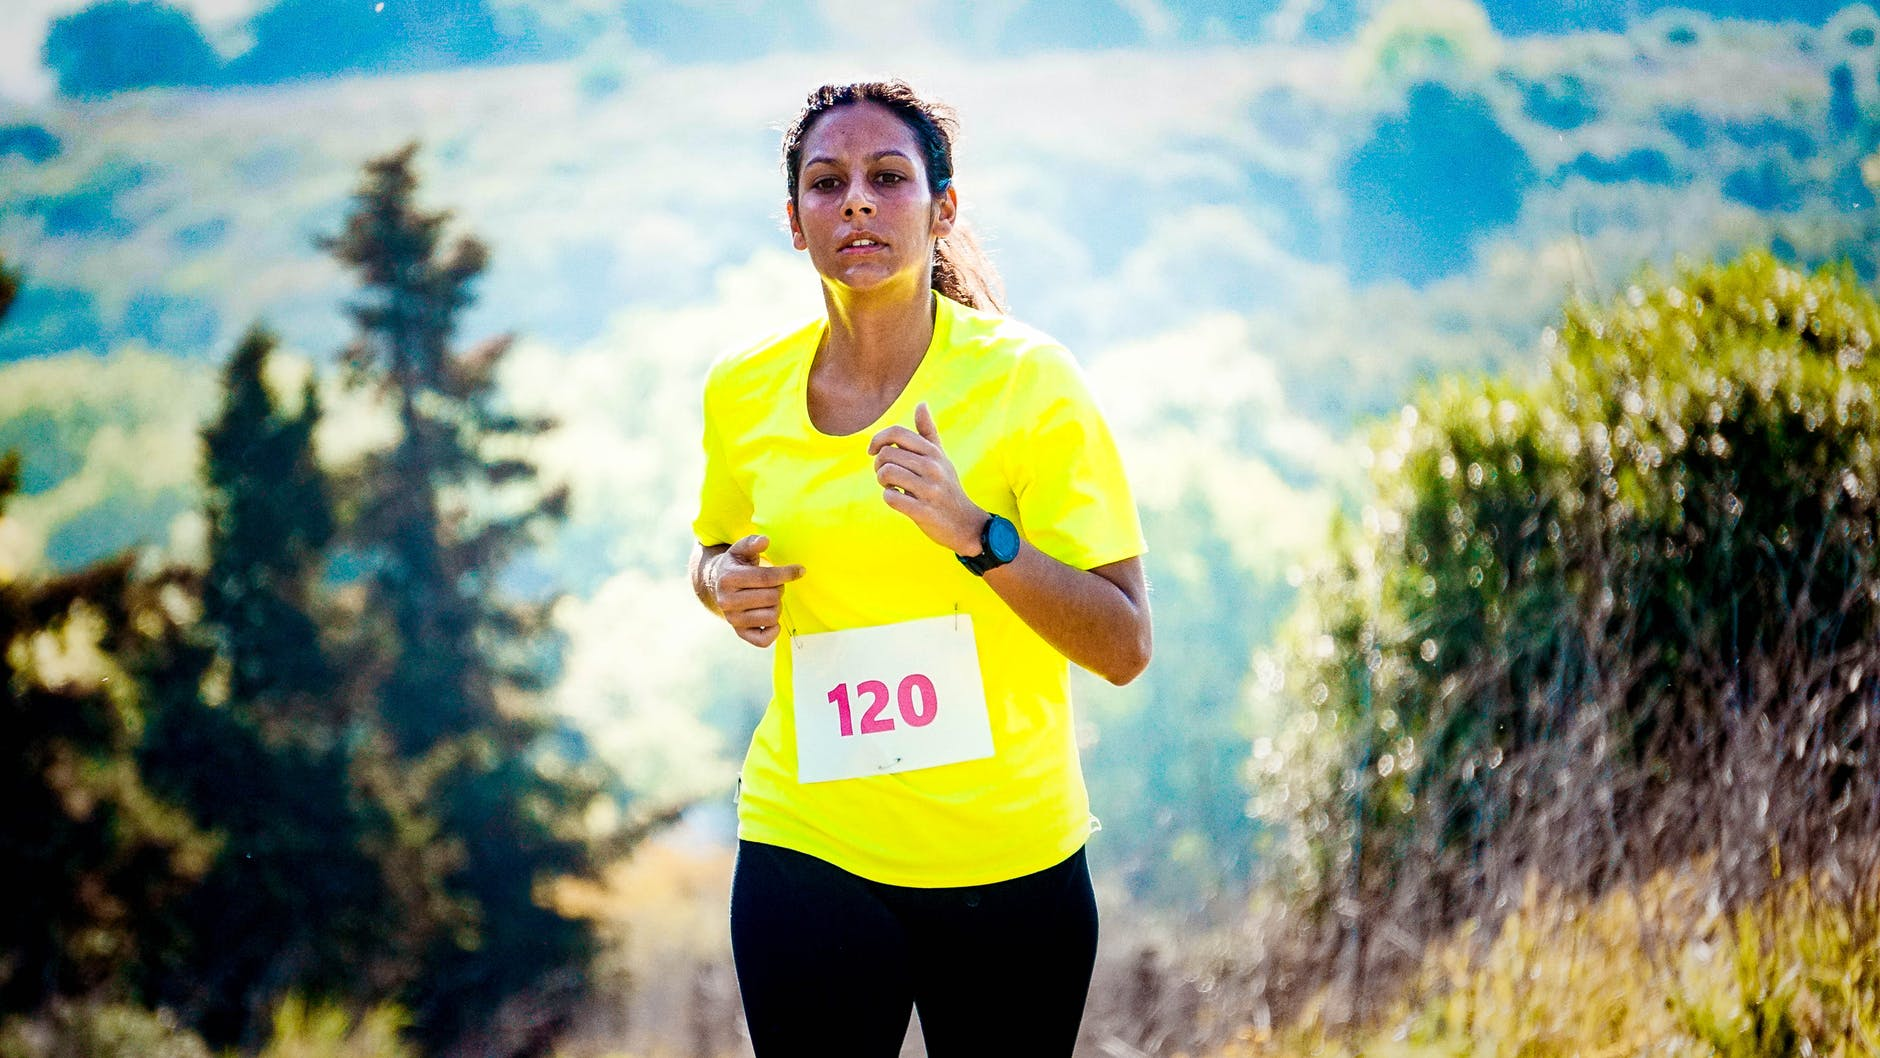 runner-sweating